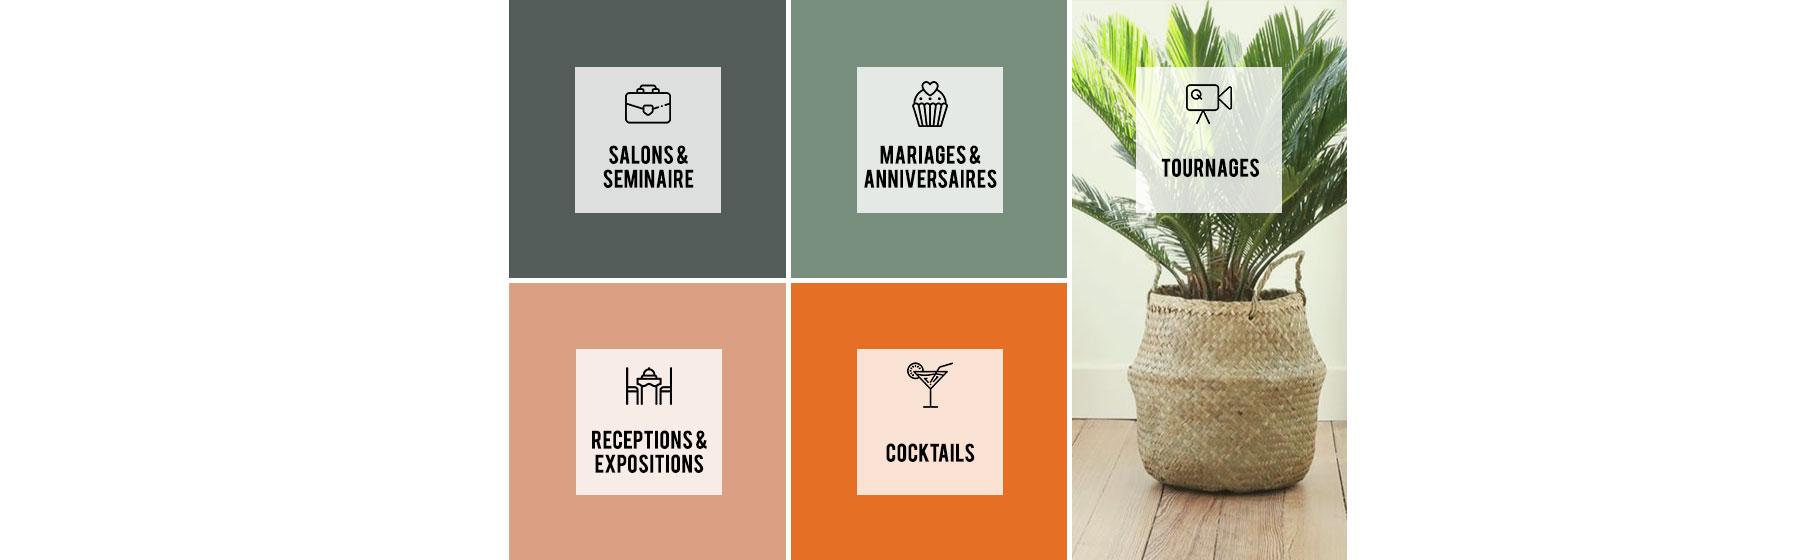 salons/saminaires/mariages/anniversaires/tournages/receptions/expostions/cocktails-location de végétaux-pepinieres-imbert